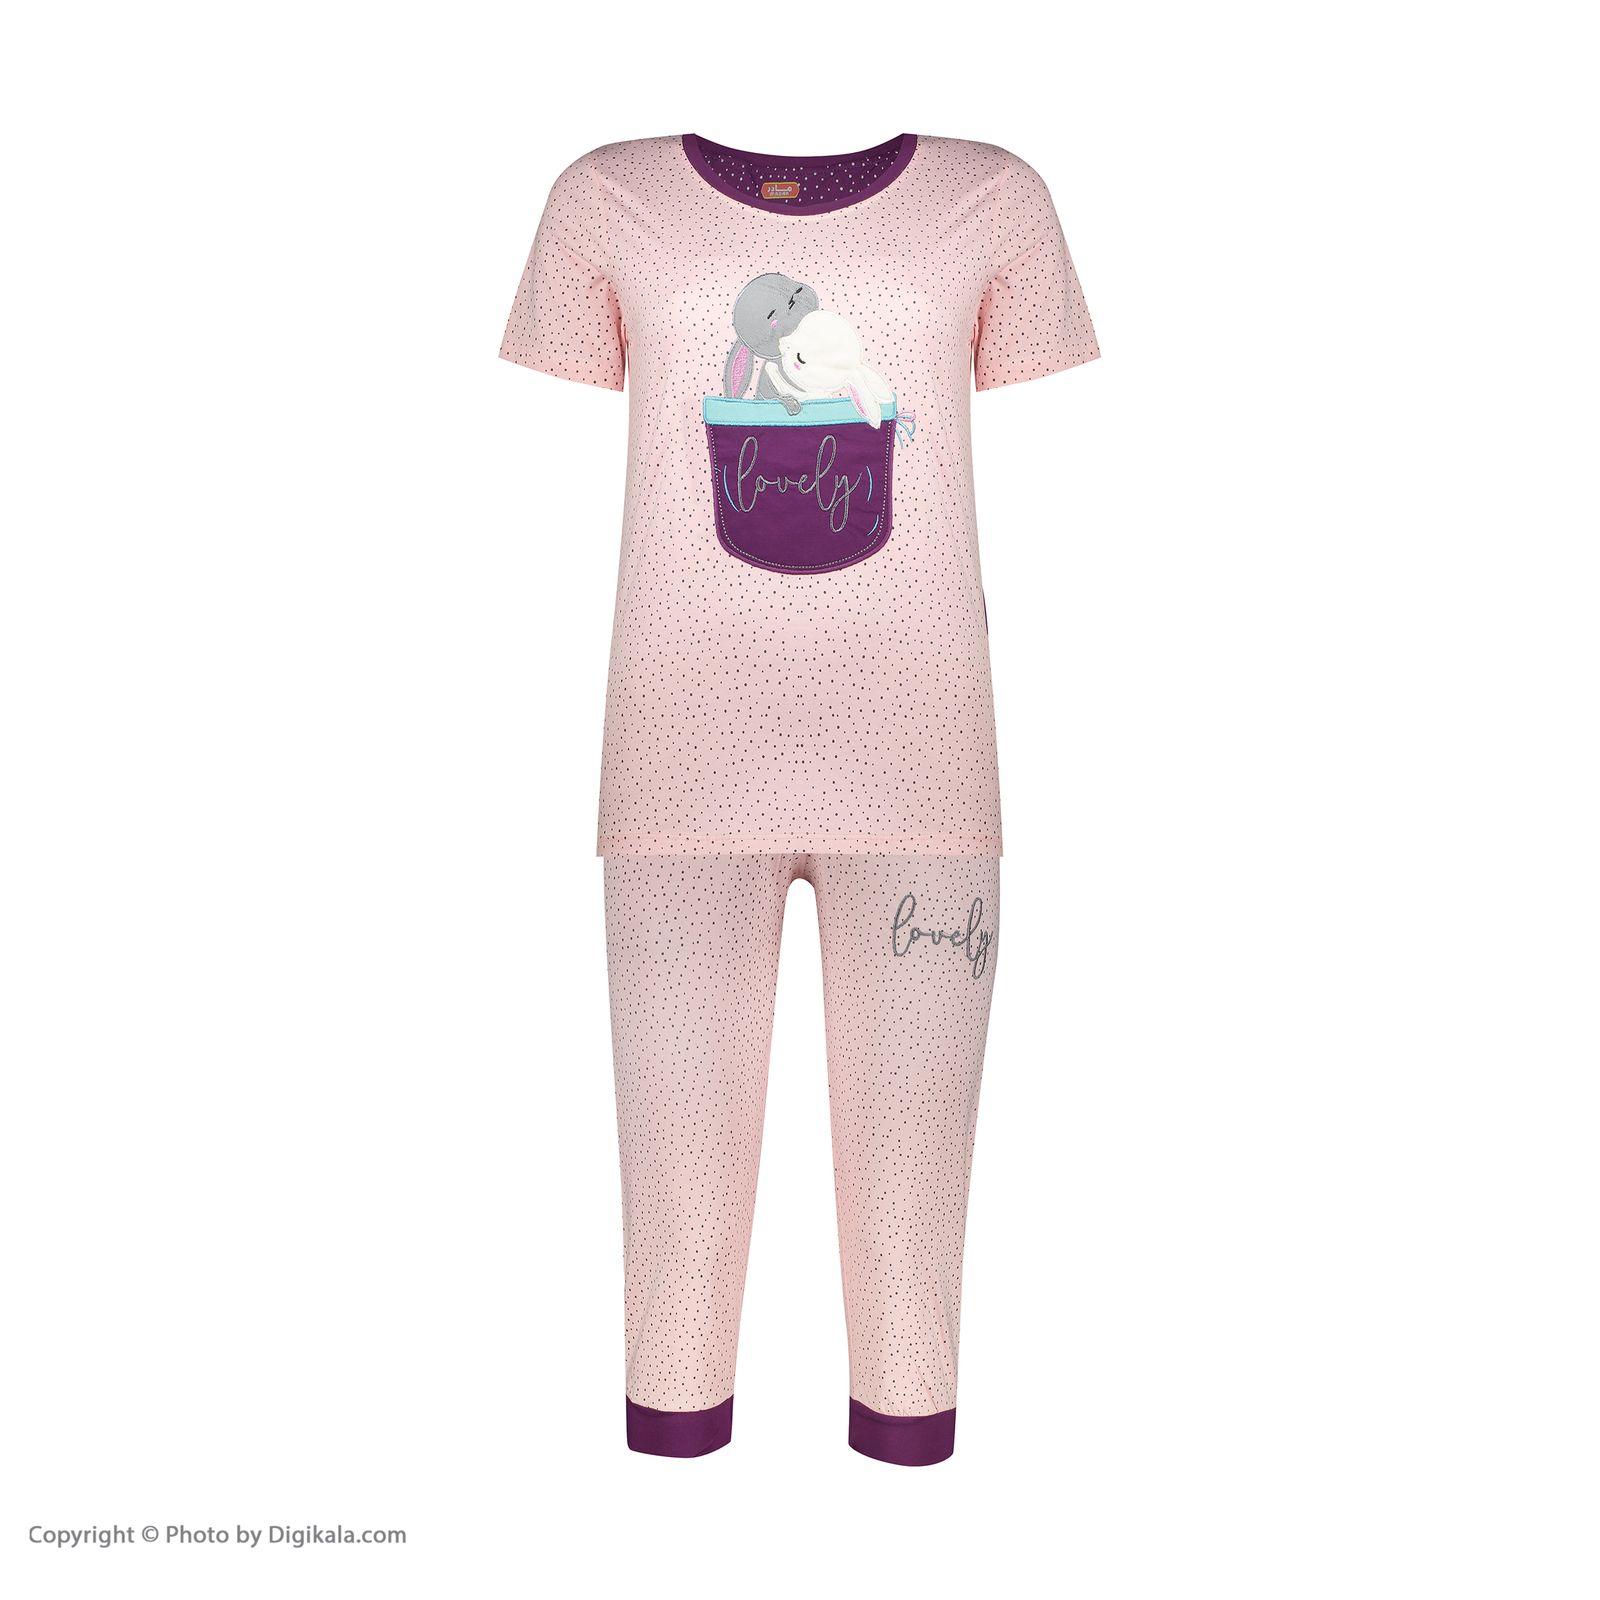 ست تی شرت و شلوارک راحتی زنانه مادر مدل 2041102-84 -  - 3